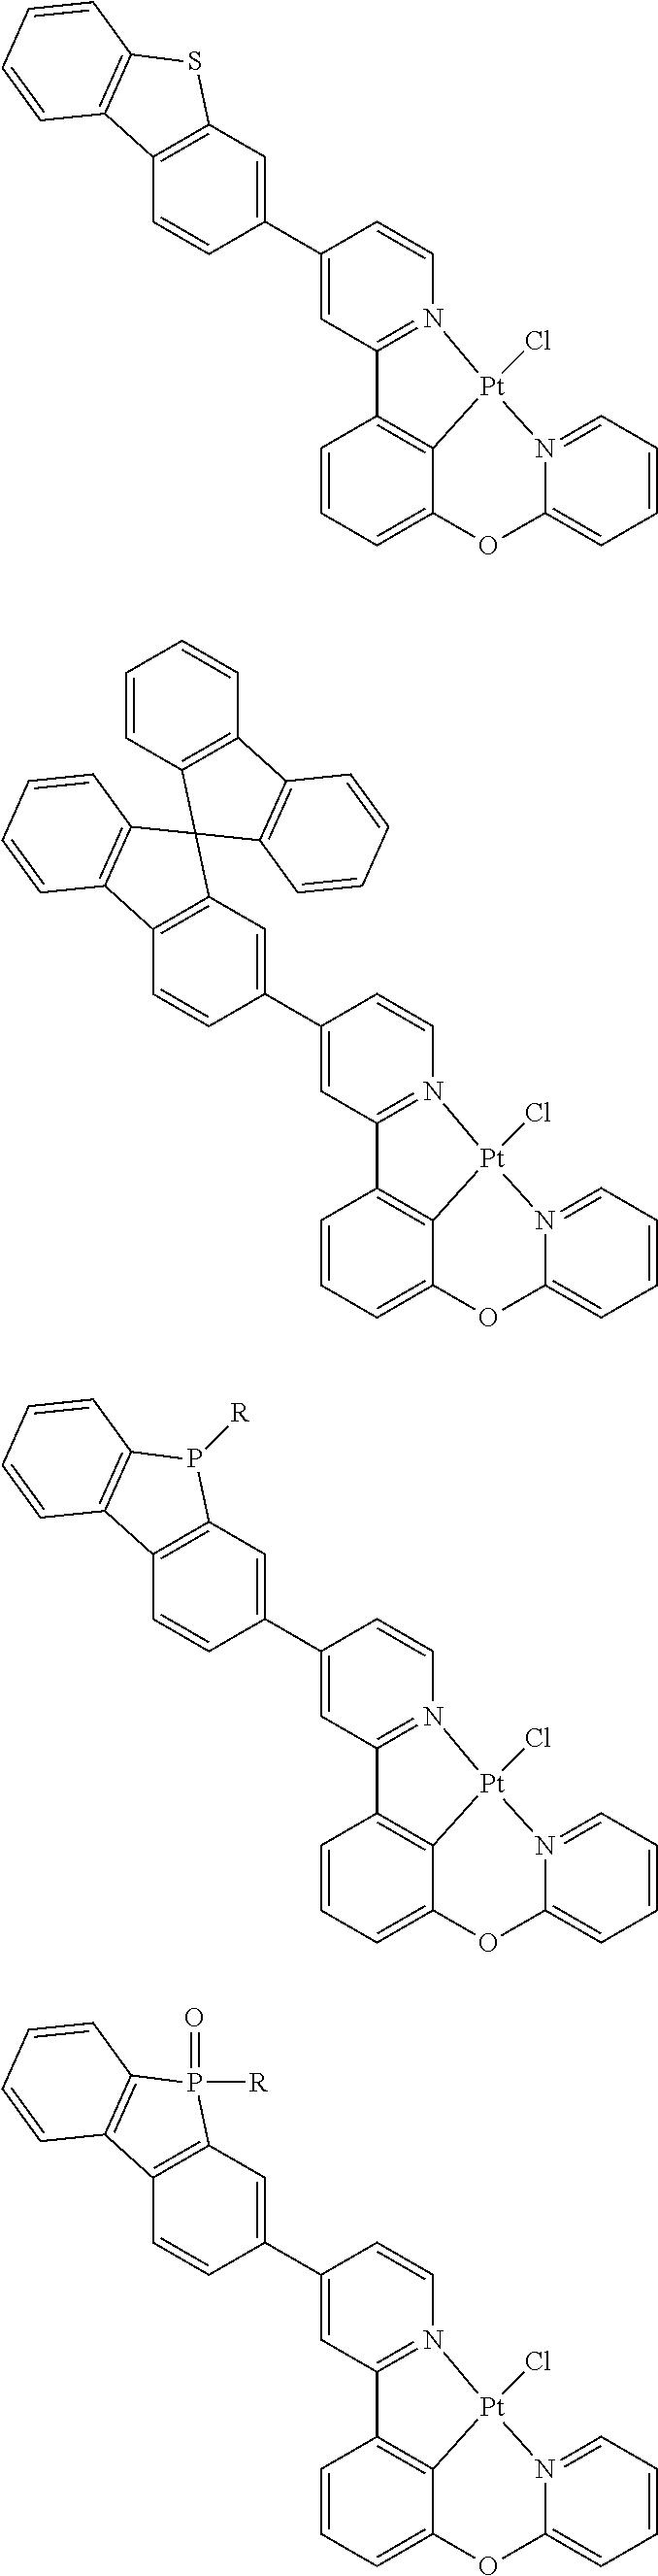 Figure US09818959-20171114-C00149